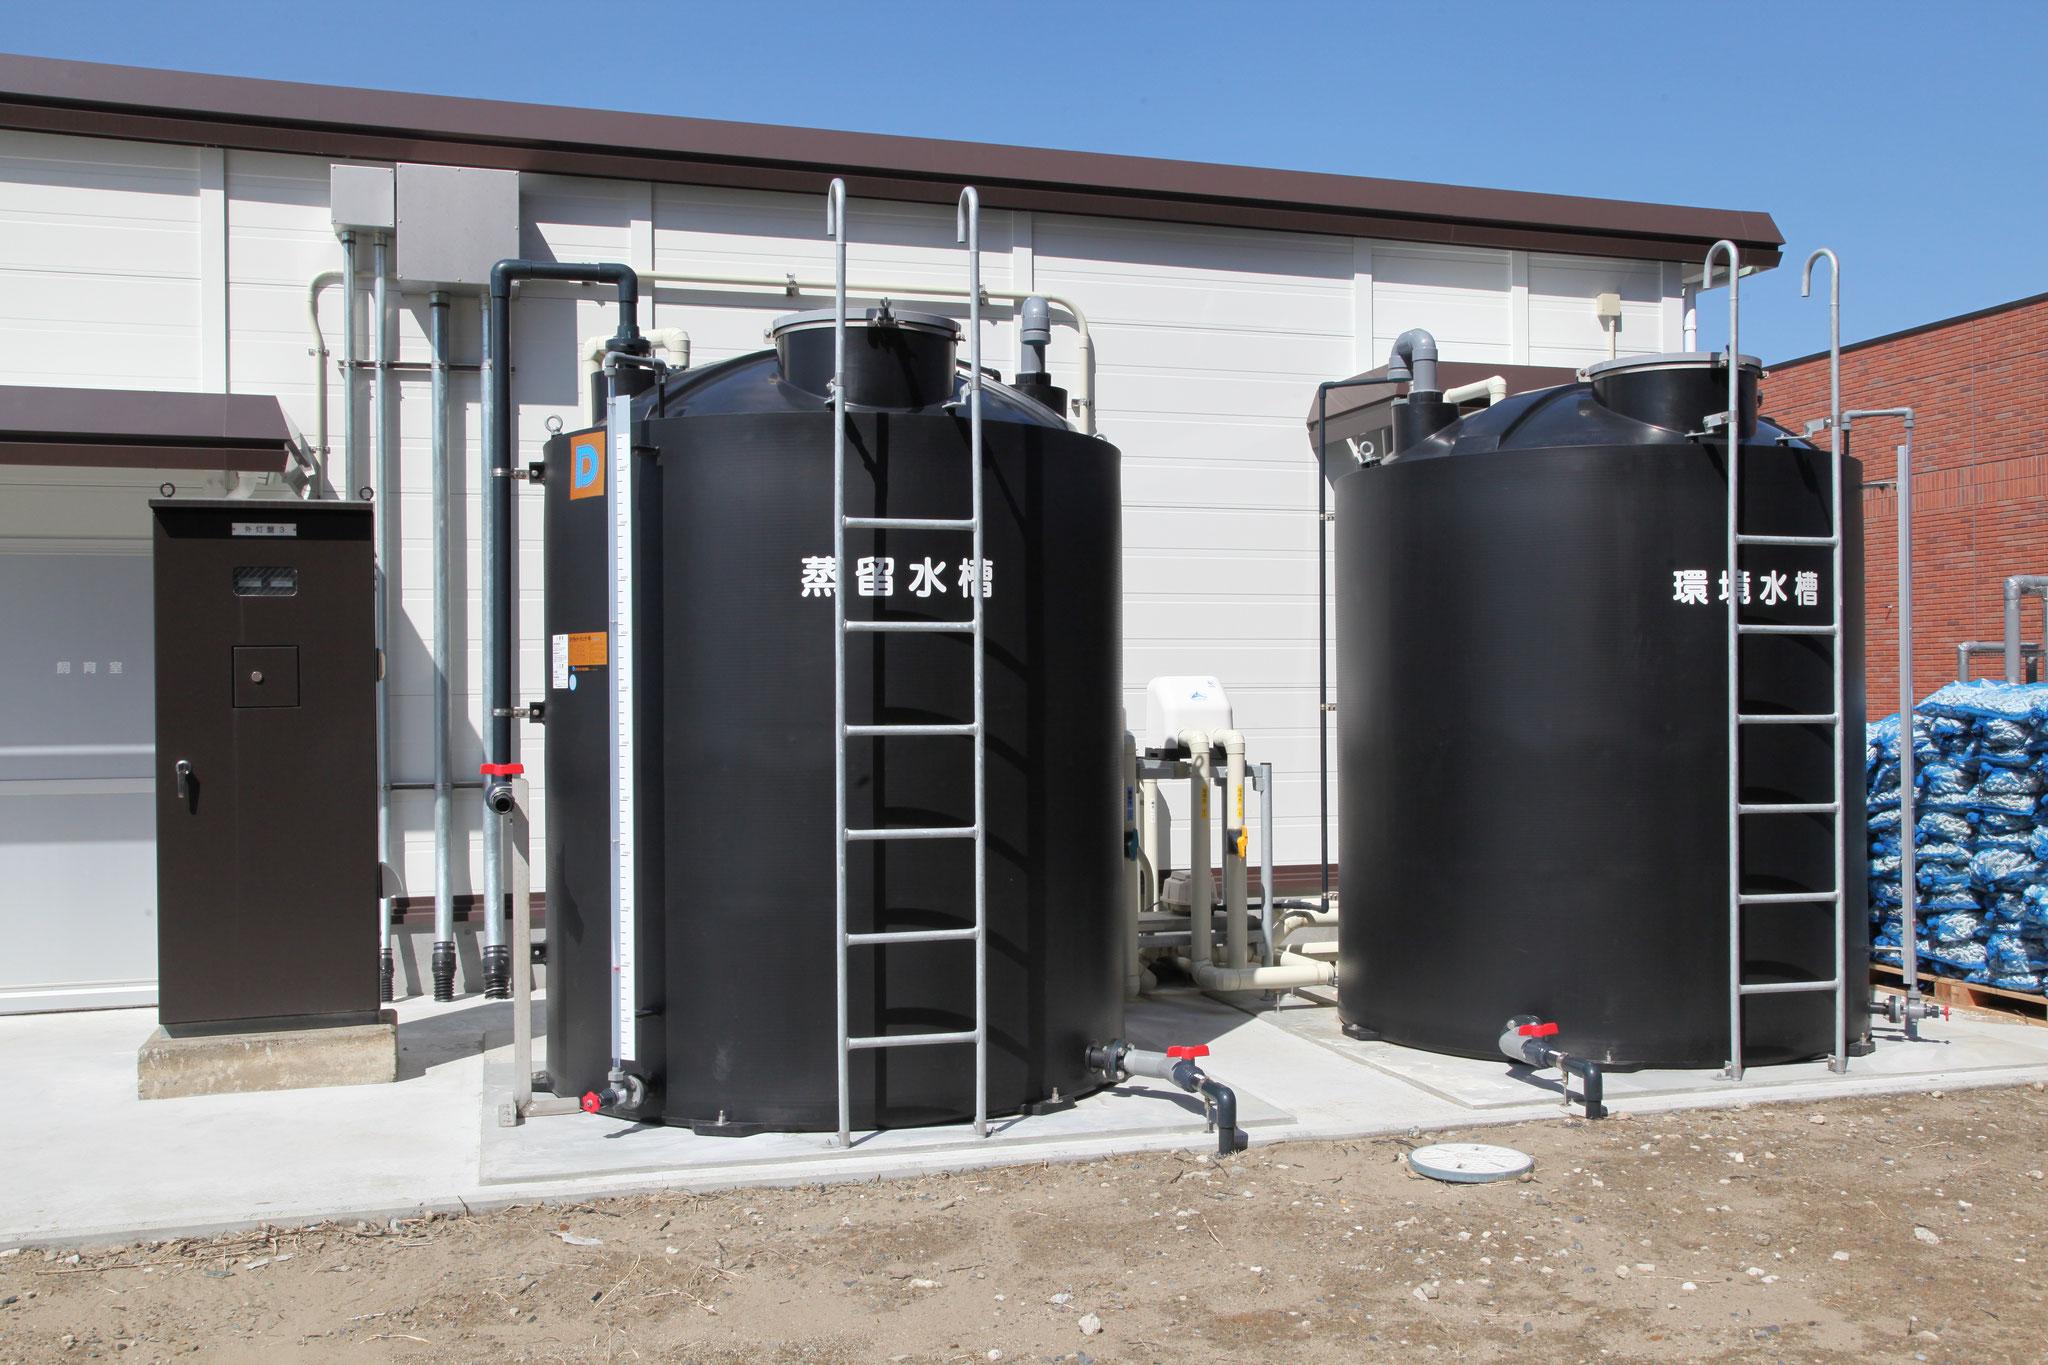 何と言っても危機管理.事故が起こった時に素早く対応できるよう,貯水槽には必要な用水をストックして,定期的な水換えに対応します.